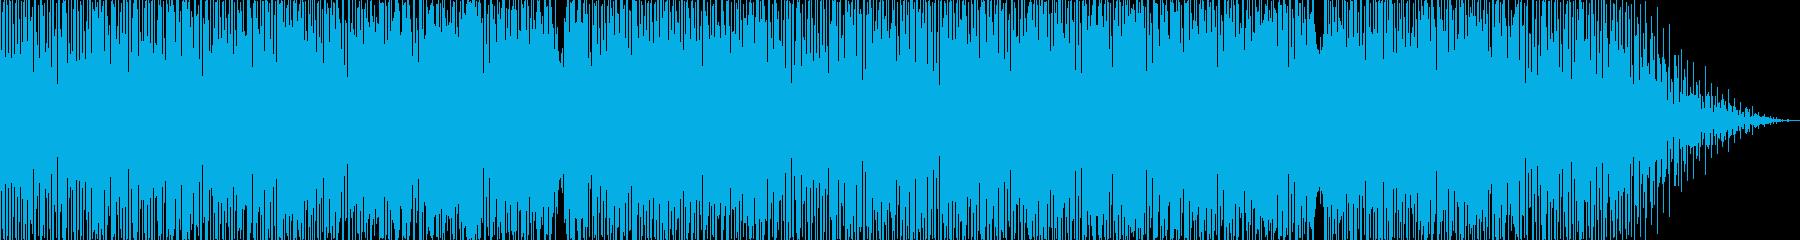 ポップで可愛いボサノバの再生済みの波形